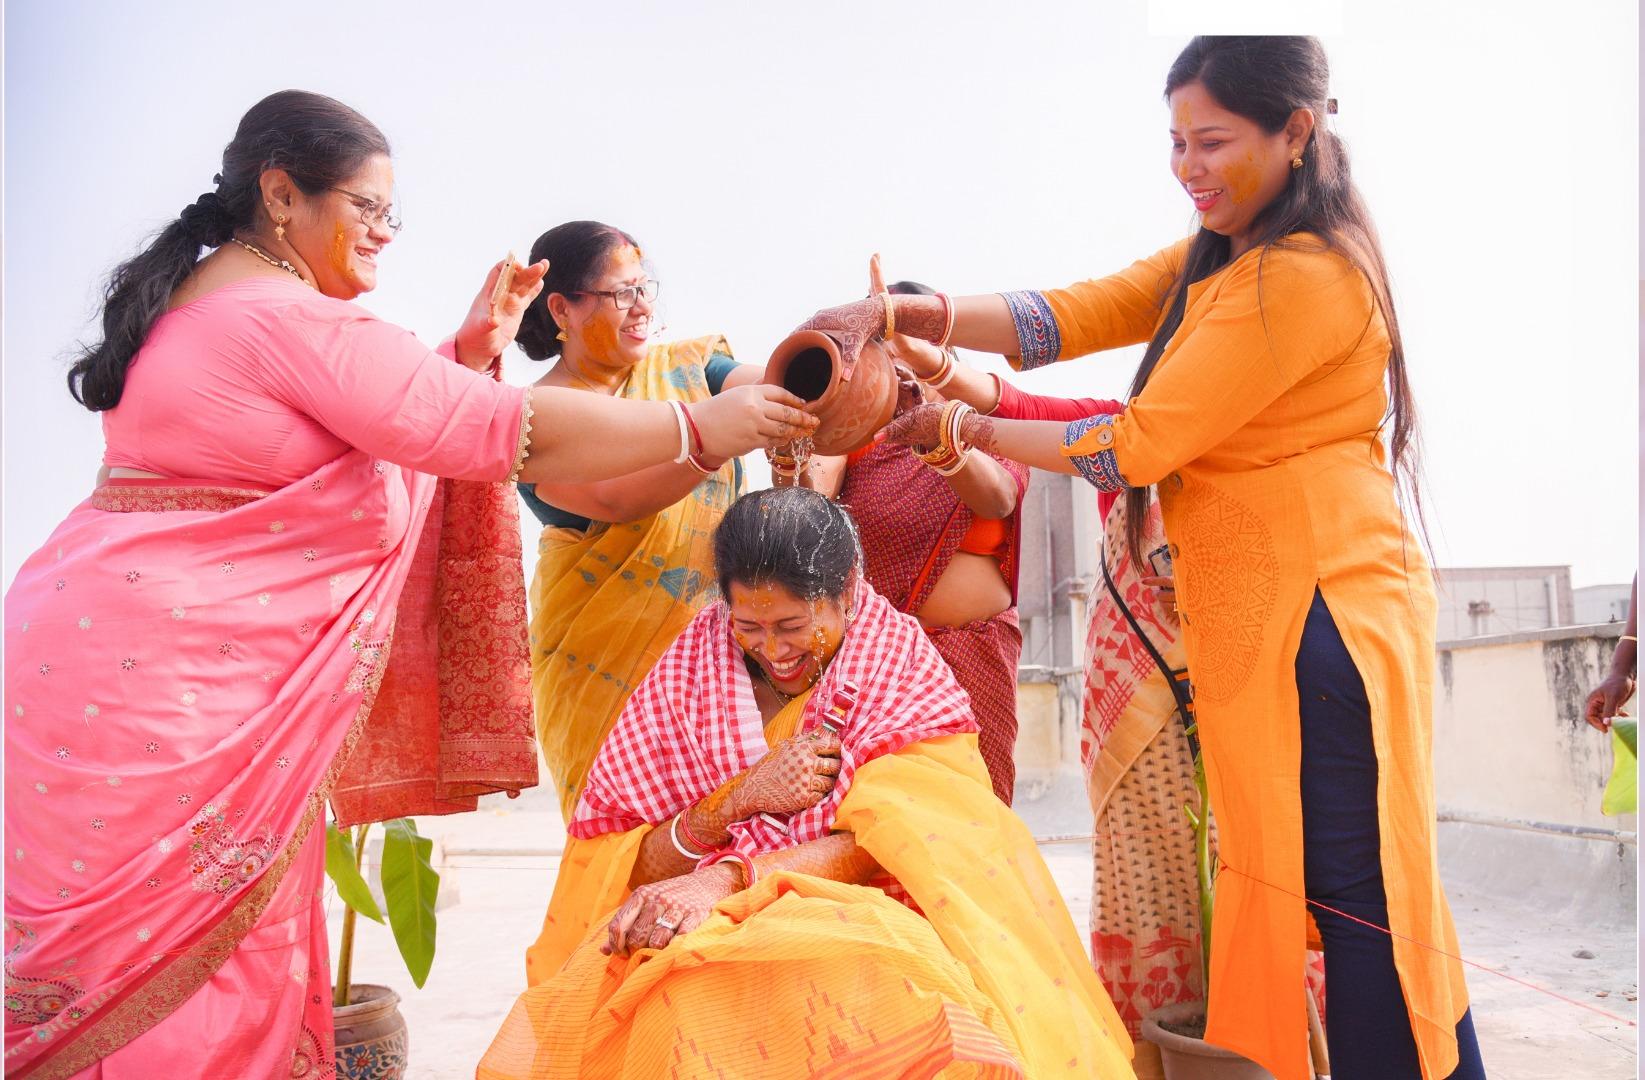 Fun during Haldi ceremony